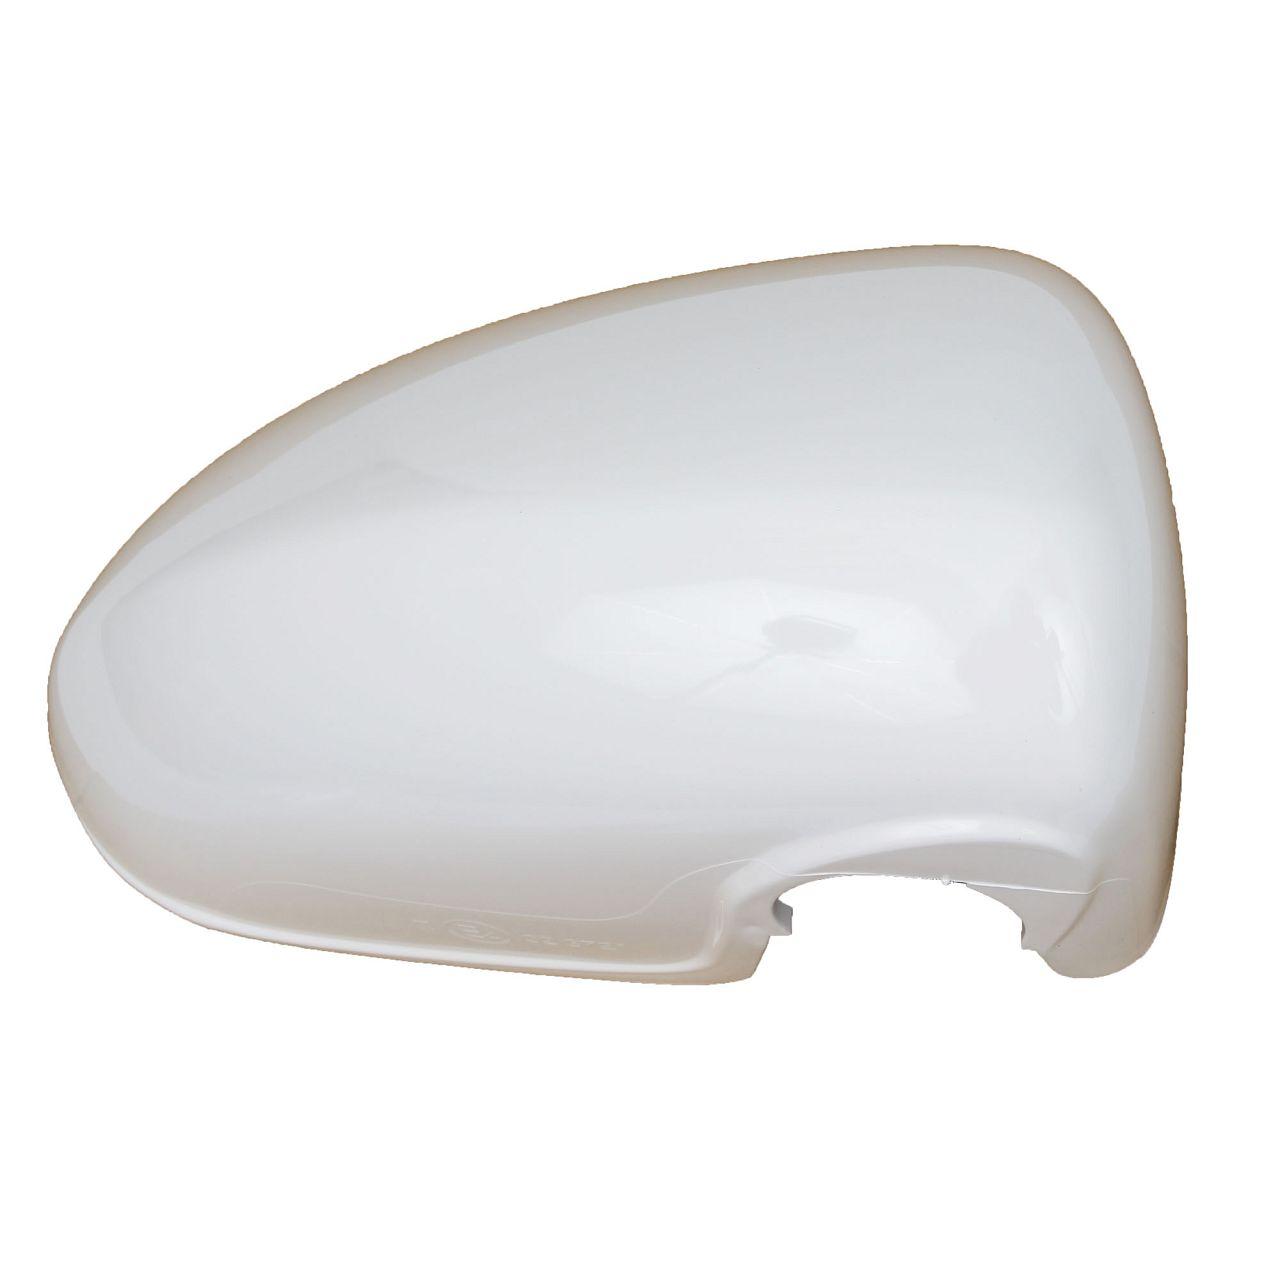 Außenspiegel Spiegelkappe OPEL Corsa D rechts 1428944 / 13187632